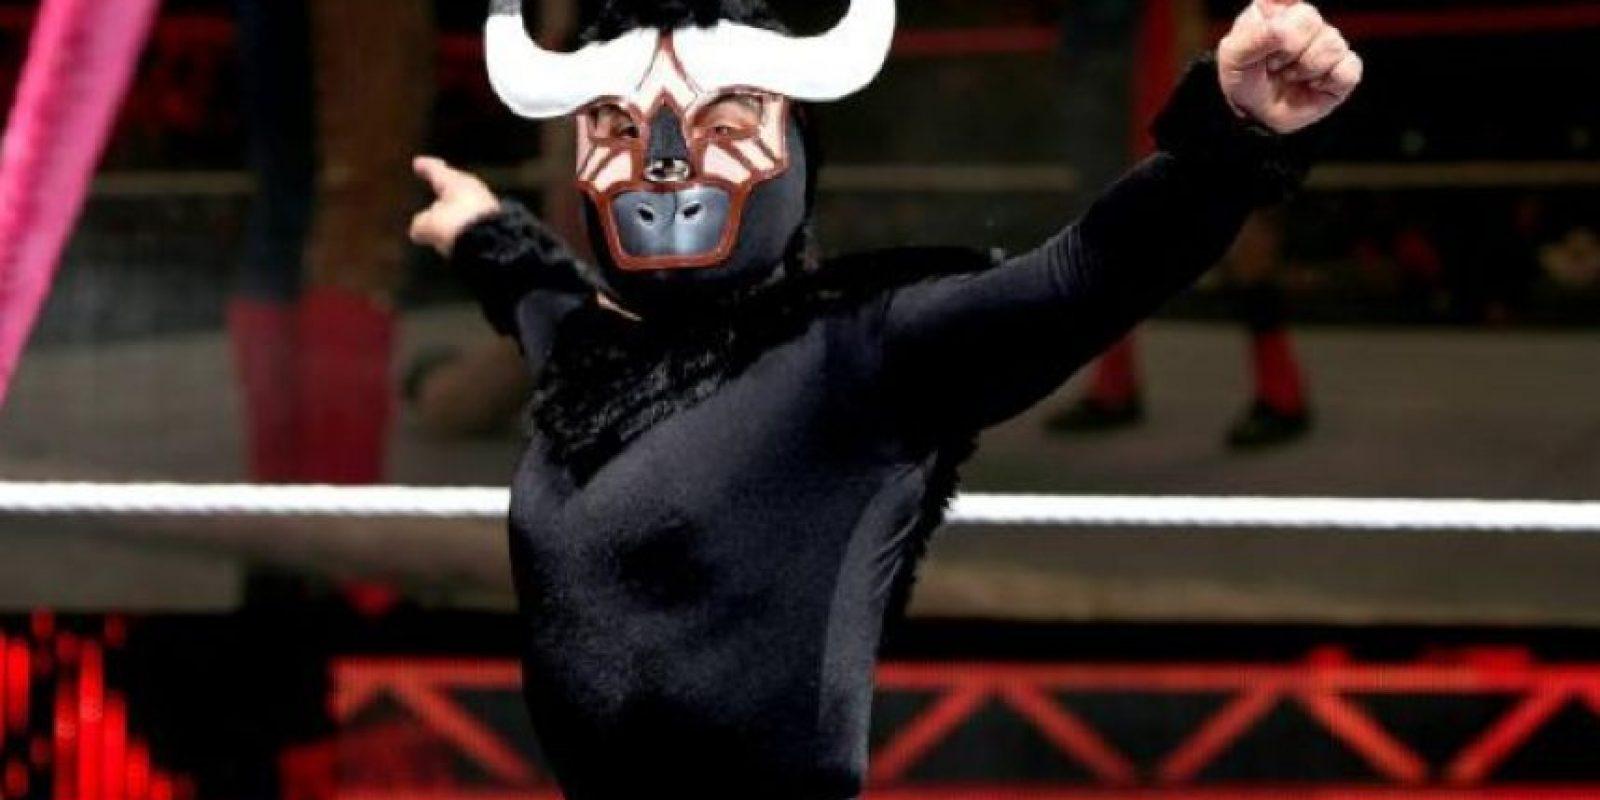 """4. El Torito. Es un mini luchador profesional. Se le conocía en la lucha libre mexicana como """"Mascarita sagrada"""". Foto:Vía Twitter"""